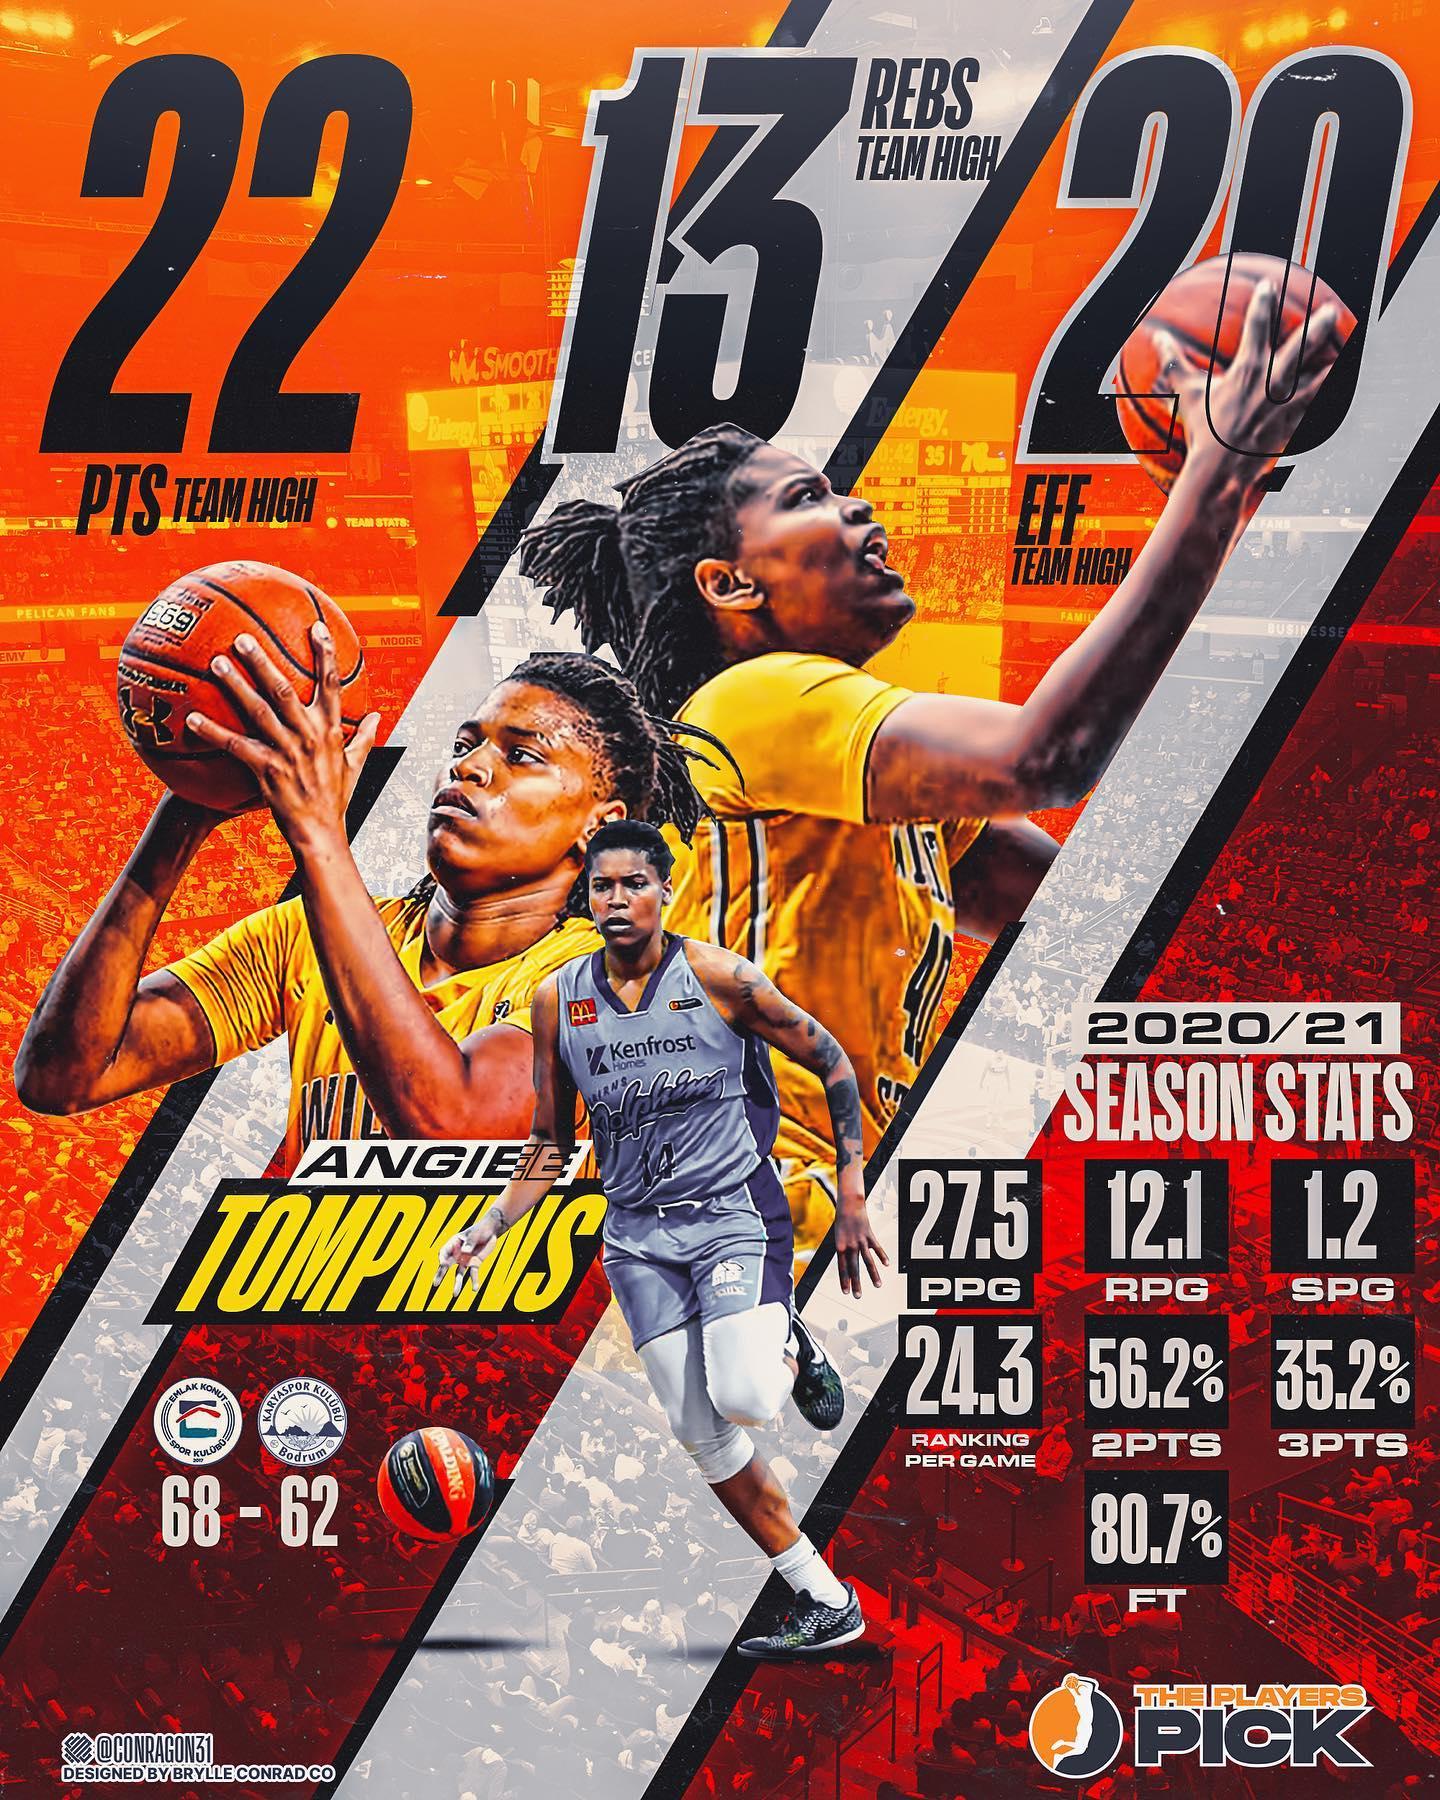 22 points & 13 rebounds for Angela Tompkins vs Emlak Konut in Turkey!